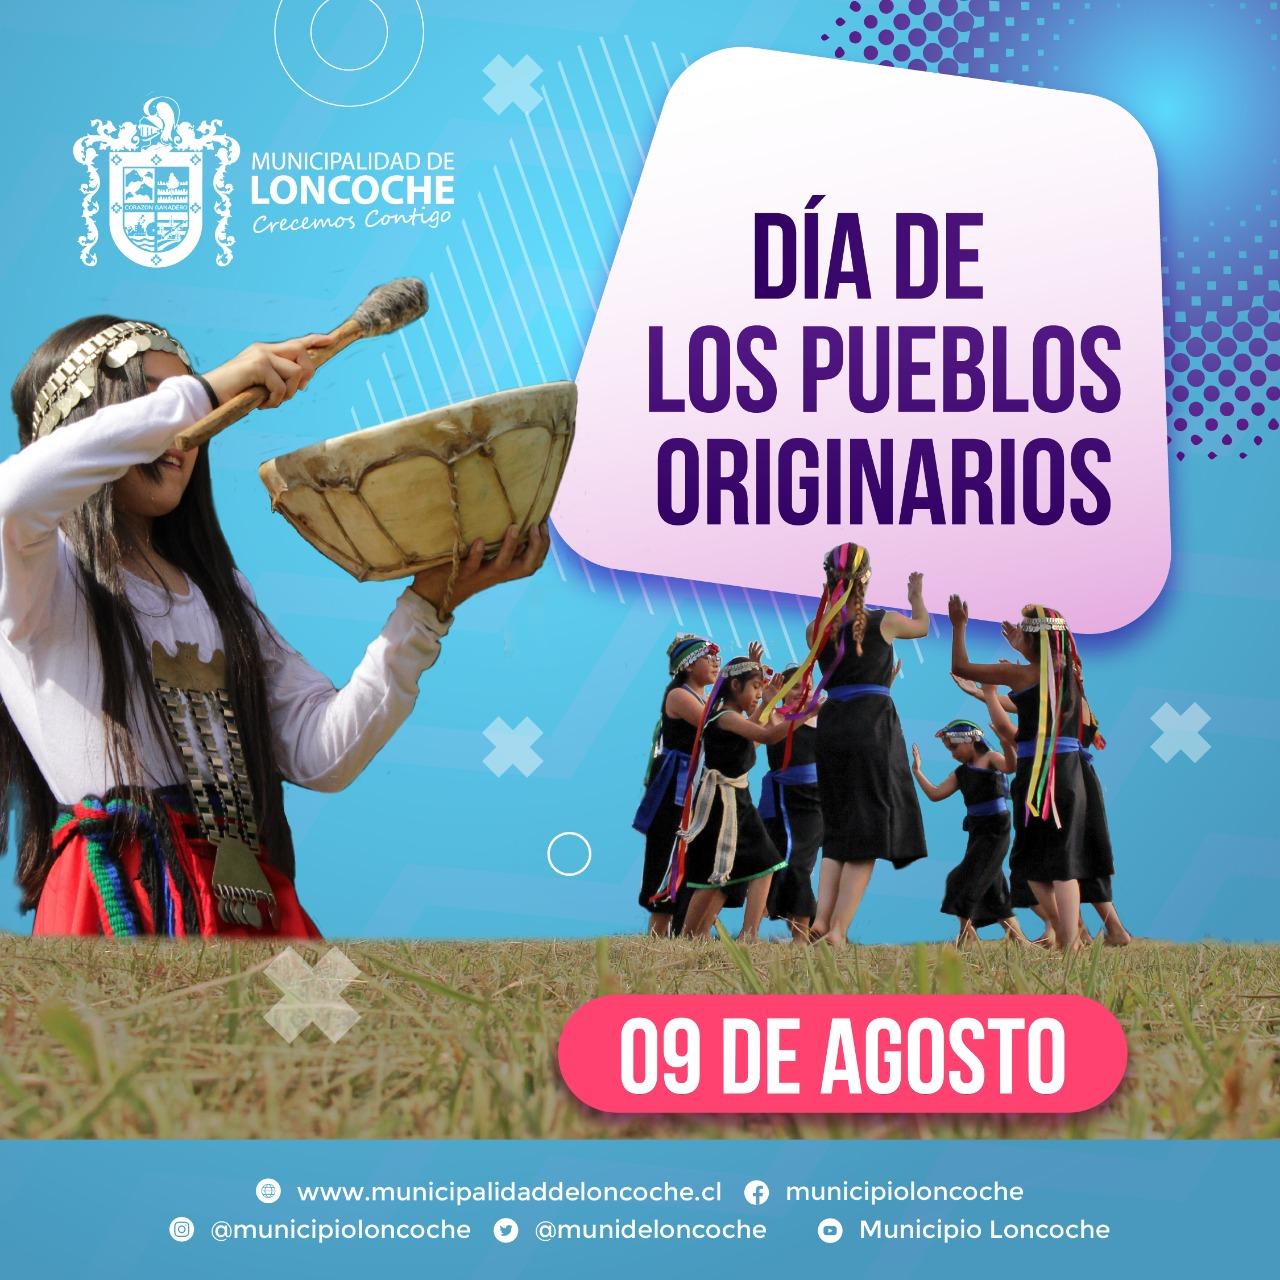 DÍA INTERNACIONAL DE LOS PUEBLOS ORIGINARIOS.